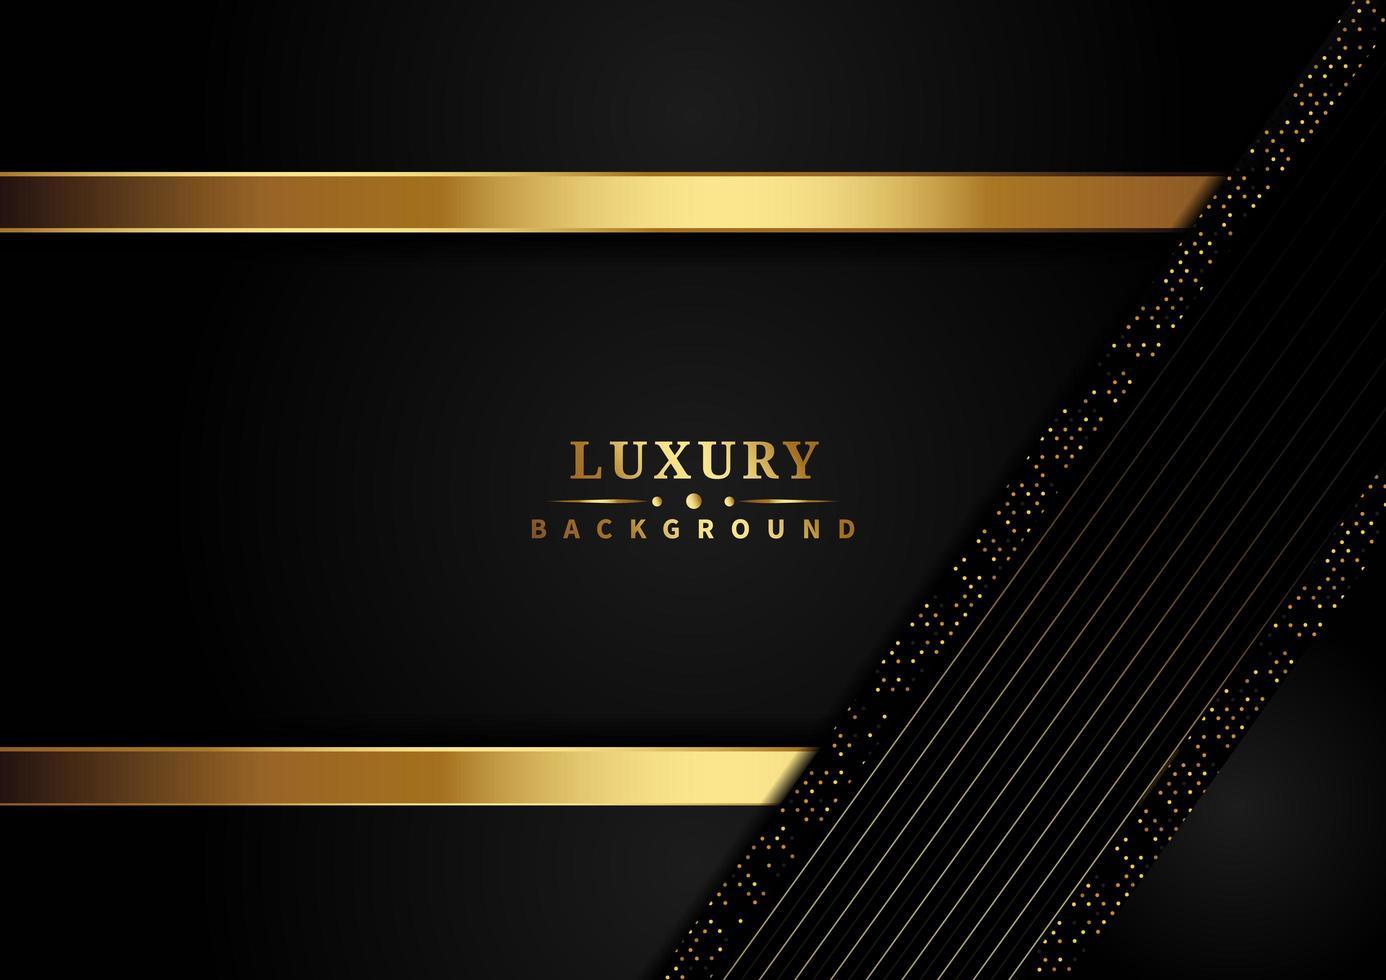 rayures dorées de luxe et effets de paillettes se chevauchant sur fond sombre vecteur